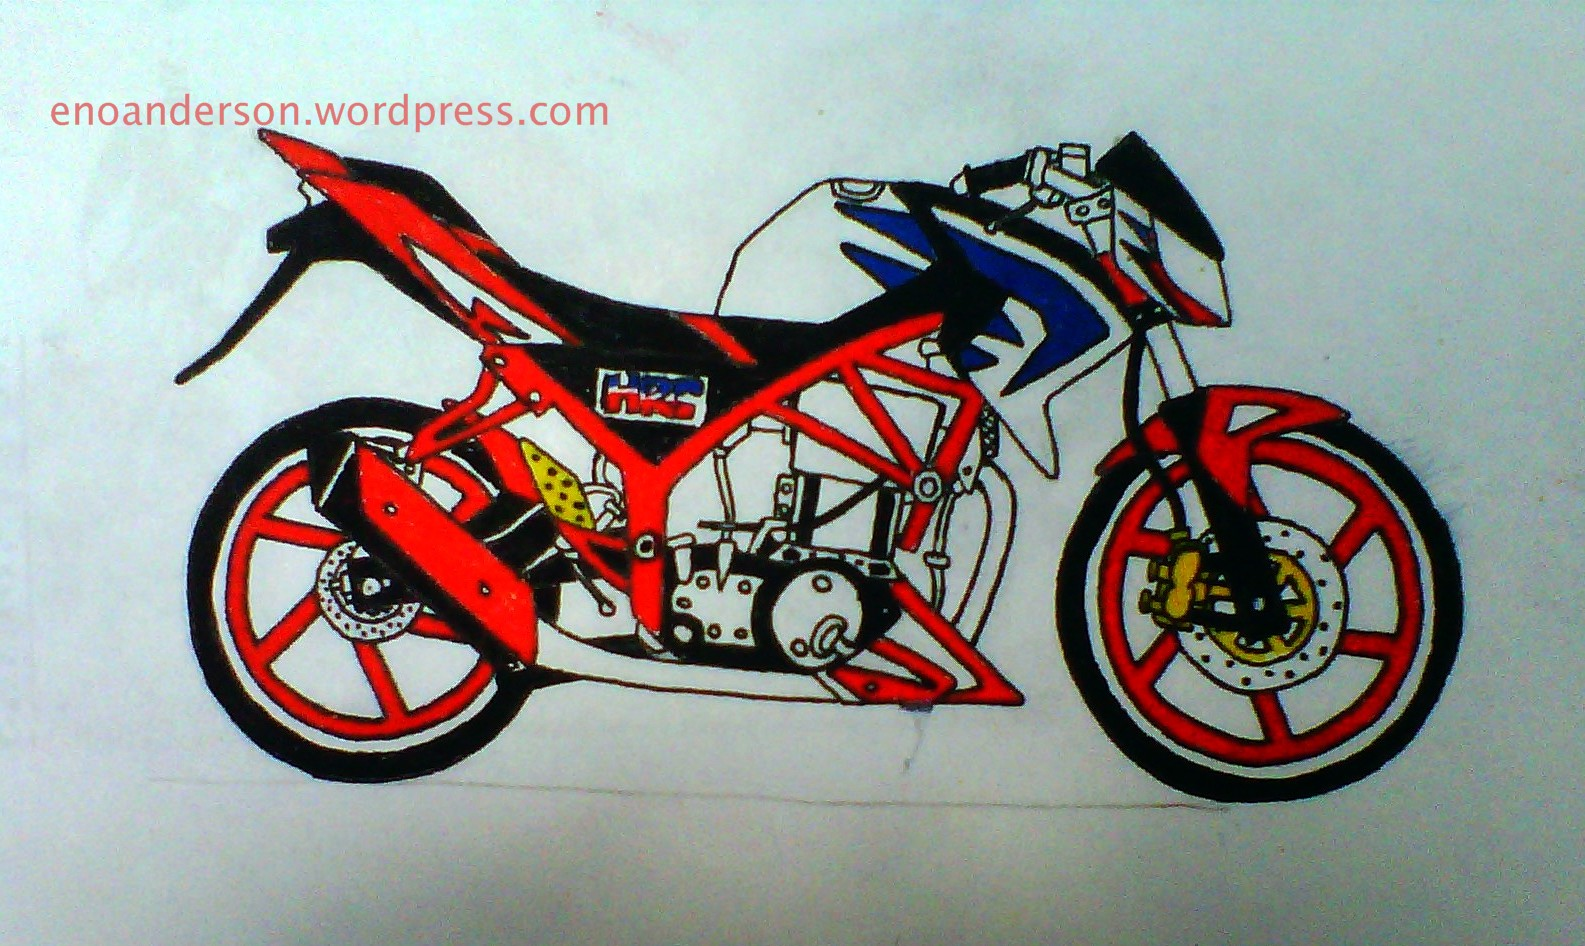 95 Gambar Motor Drag Menggunakan Pensil Terbaru Dan Terlengkap